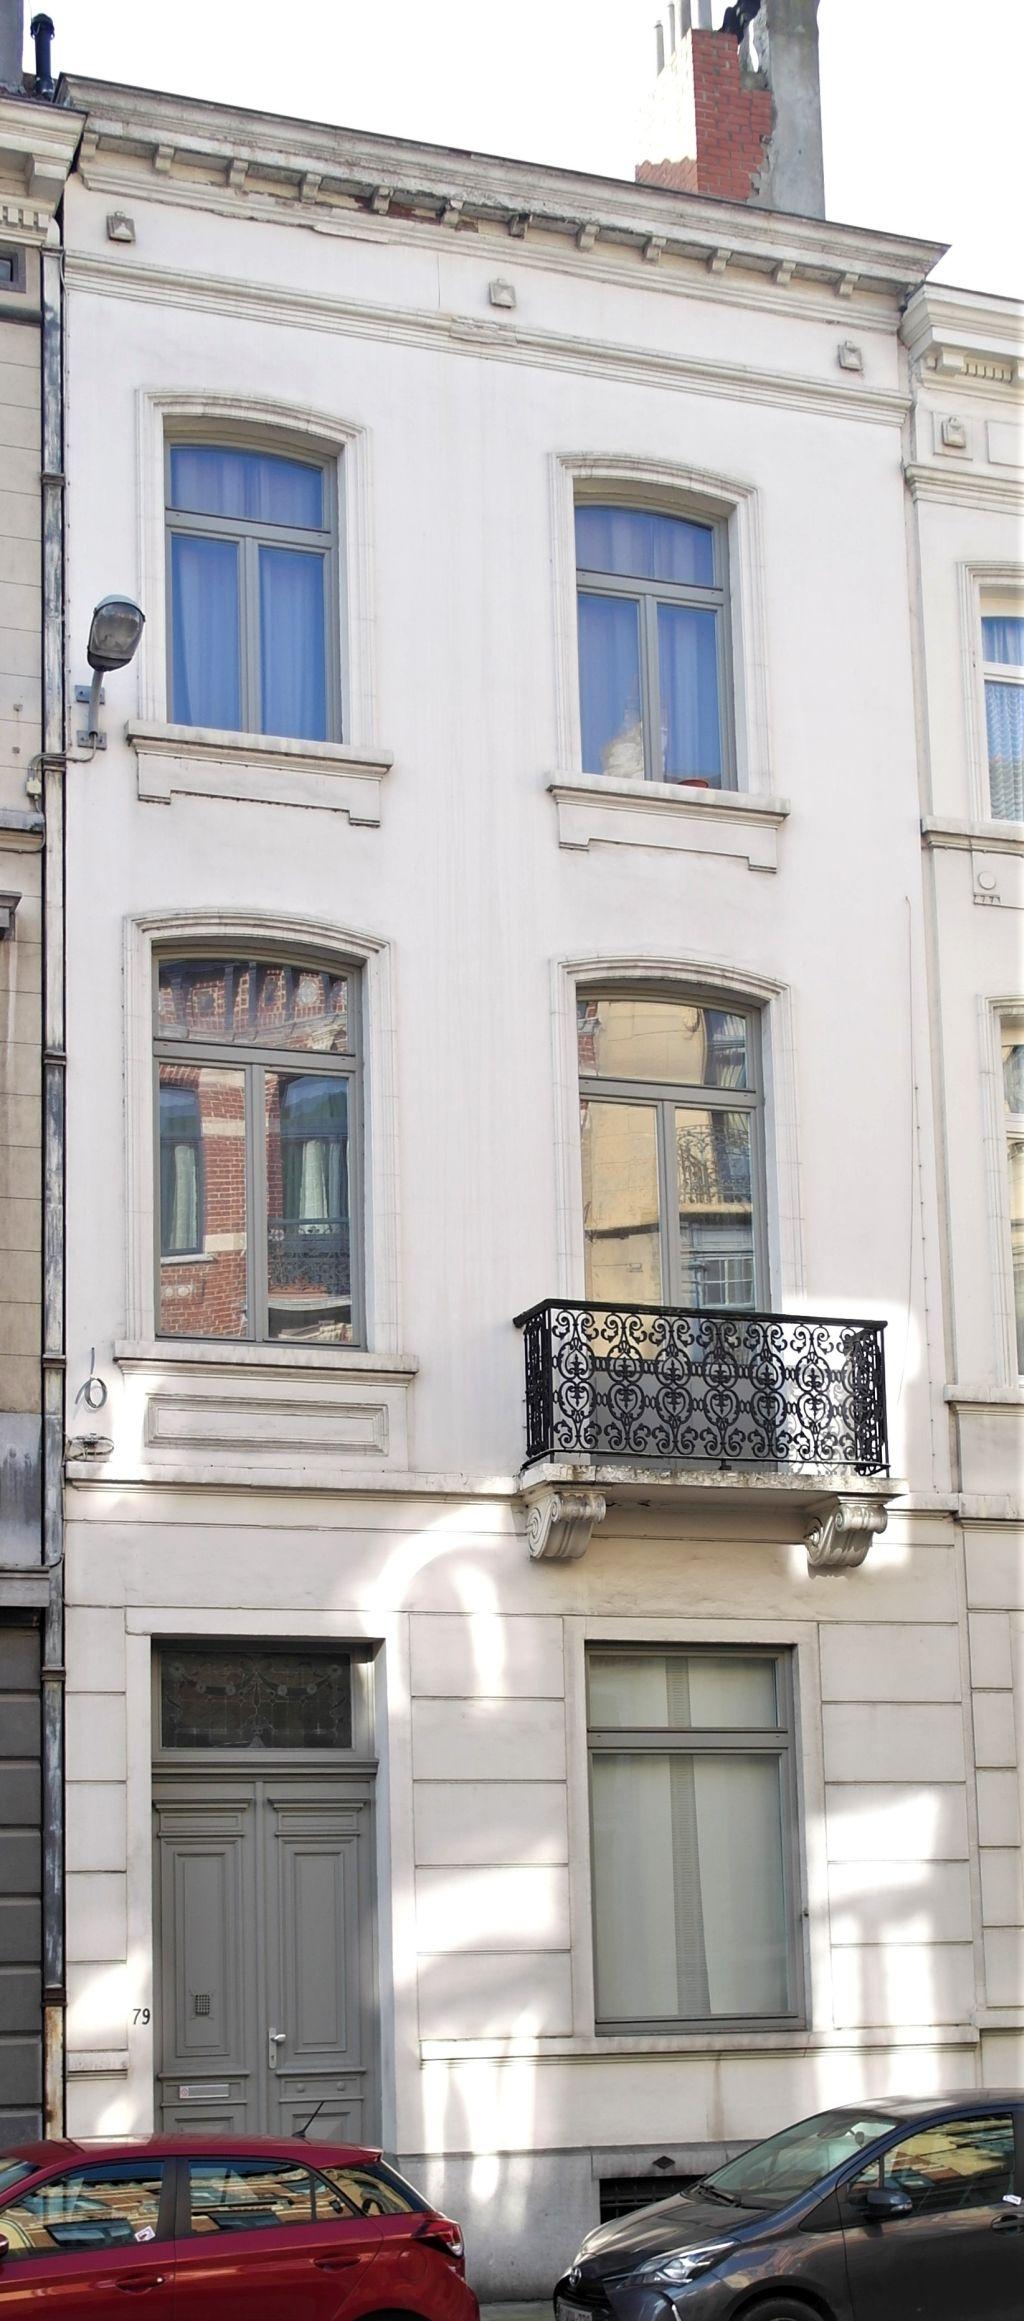 Rue du Marteau 79, 2020